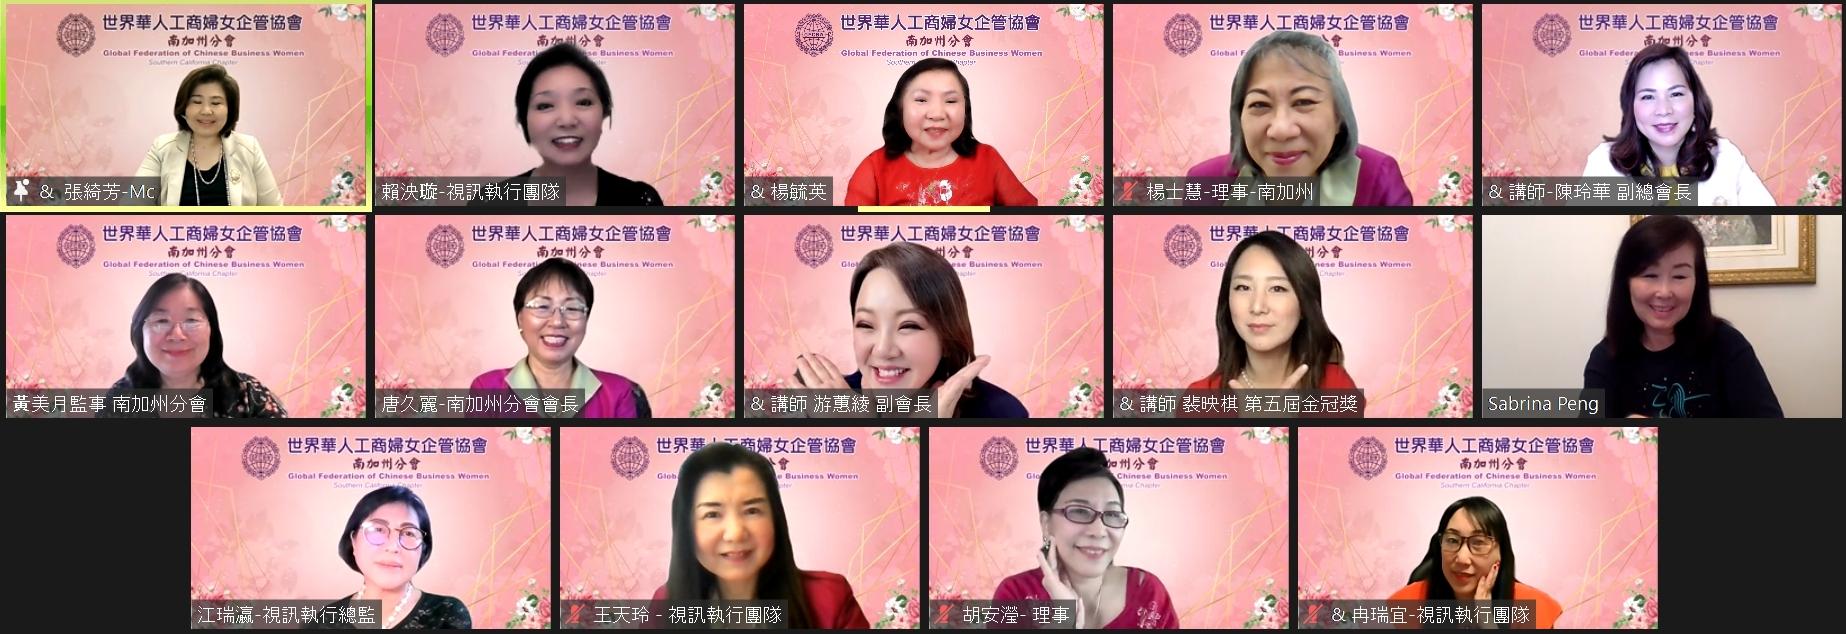 世華工商婦企協會南加分會第三次雲端教學講座